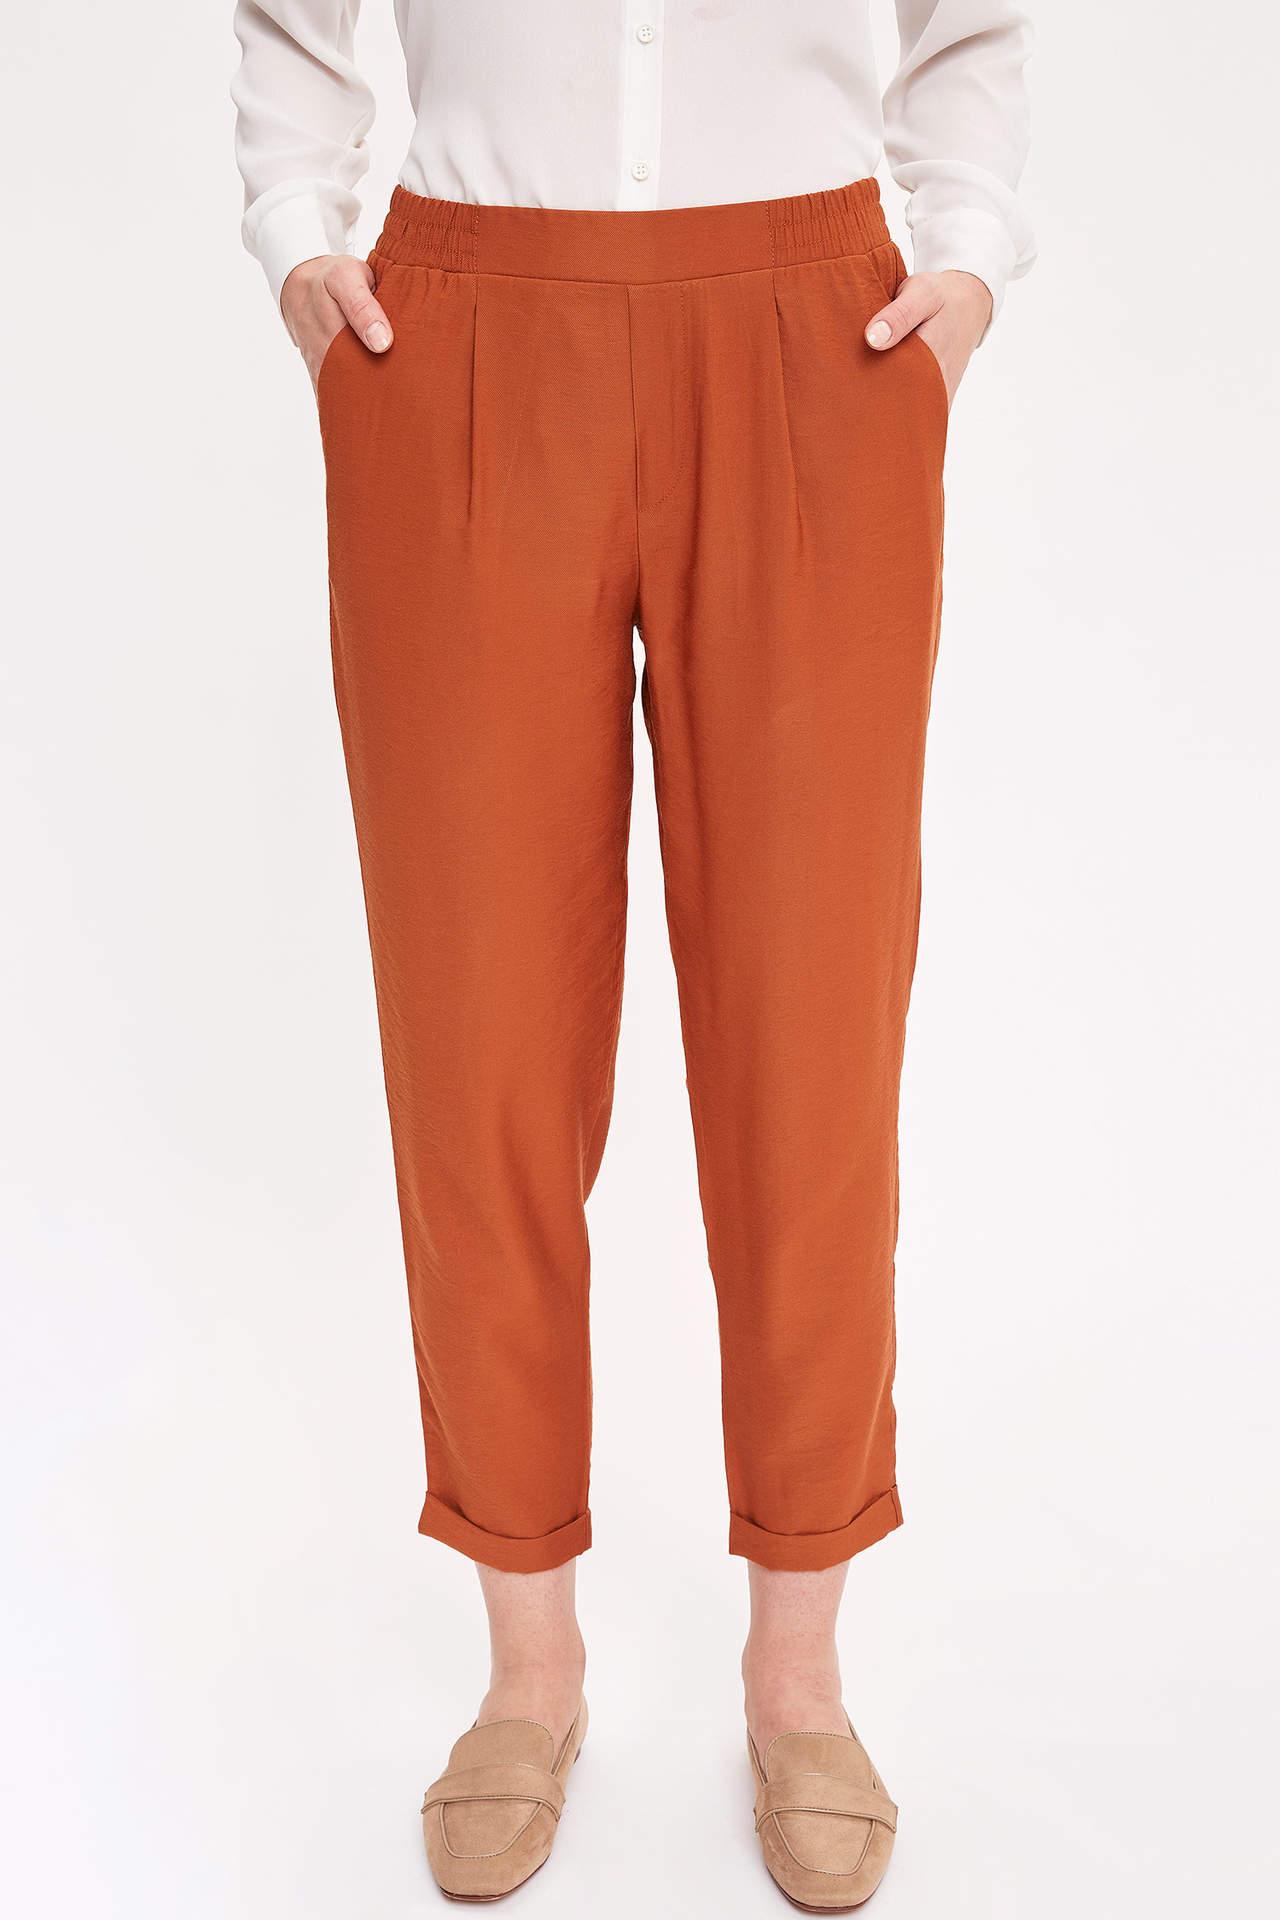 Defacto Kadın Elastik Belli Jogger Pantolon